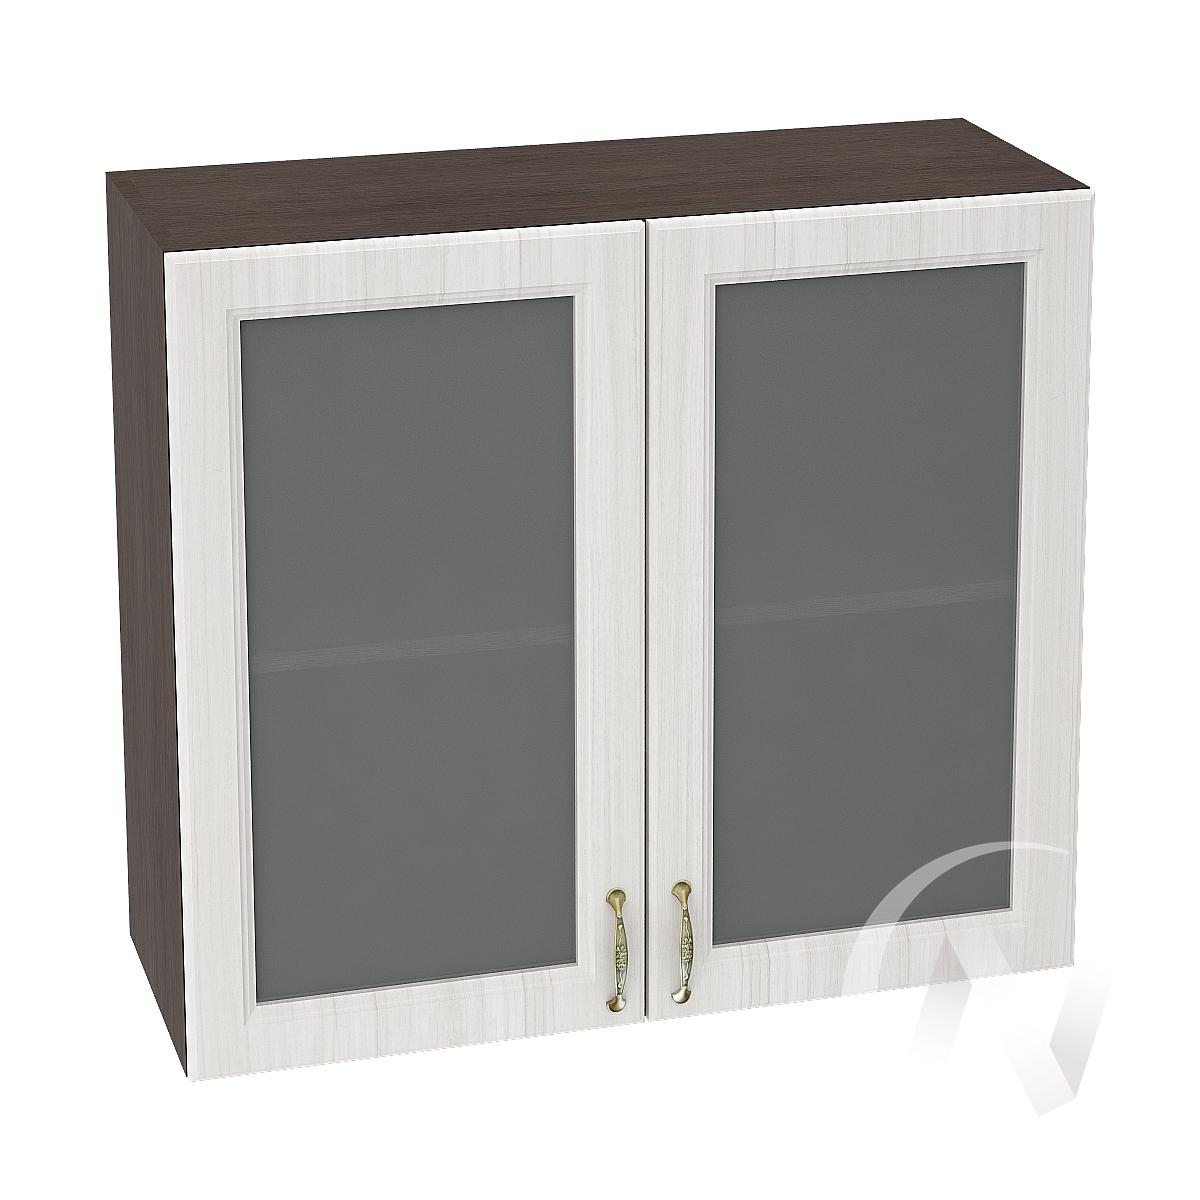 """Кухня """"Виктория"""": Шкаф верхний со стеклом 800, ШВС 800 новый (корпус венге)"""